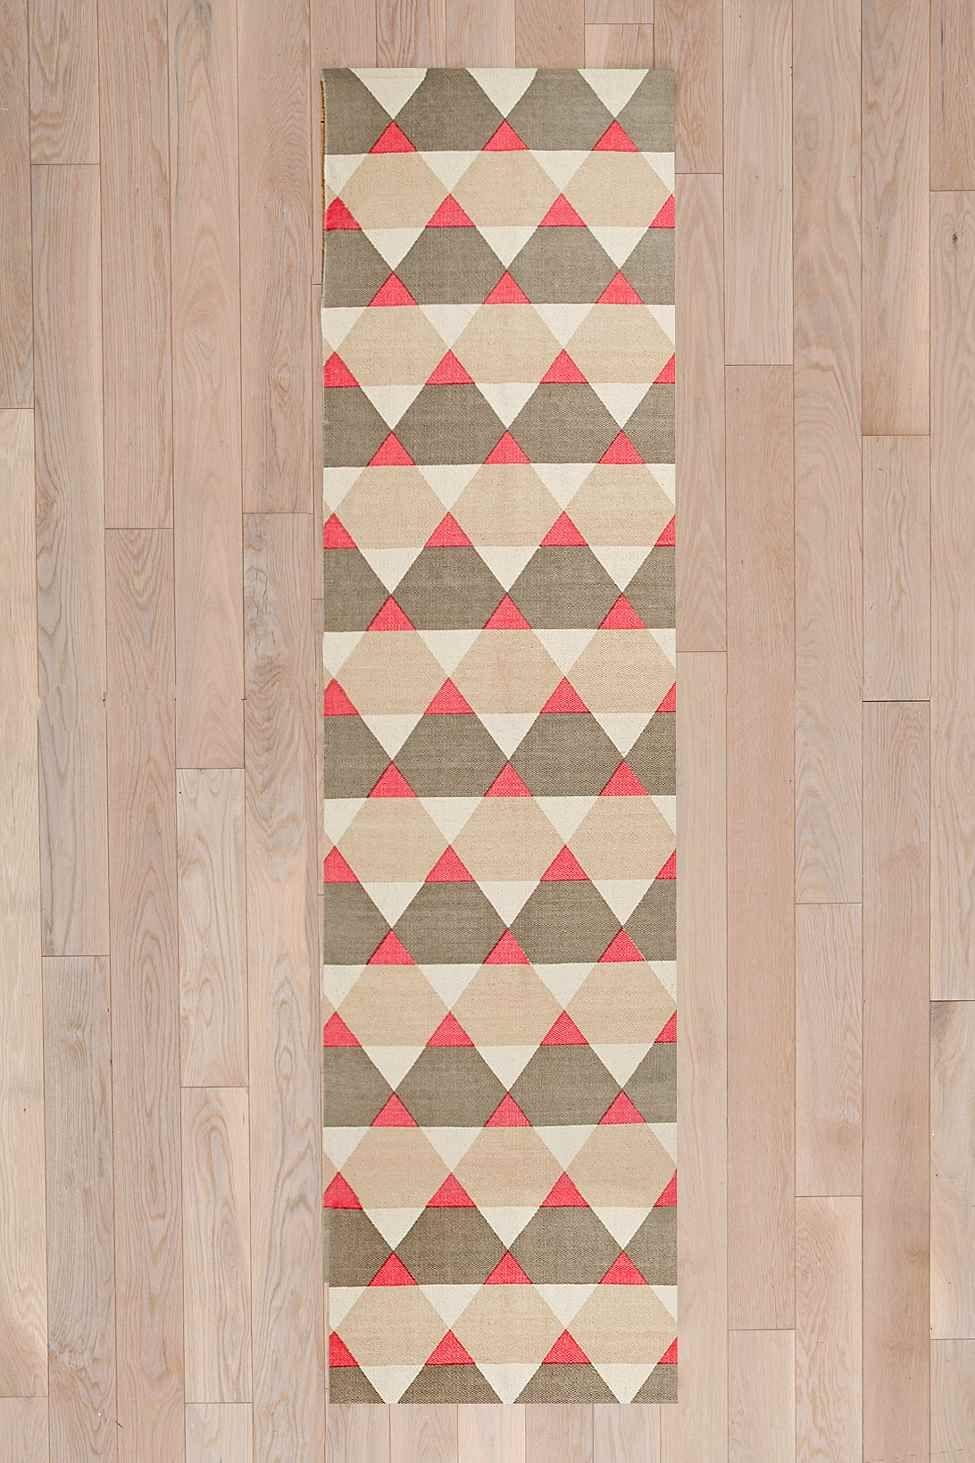 Teppich mit geometrischem Muster, 2 x 8 Fuß  Urban